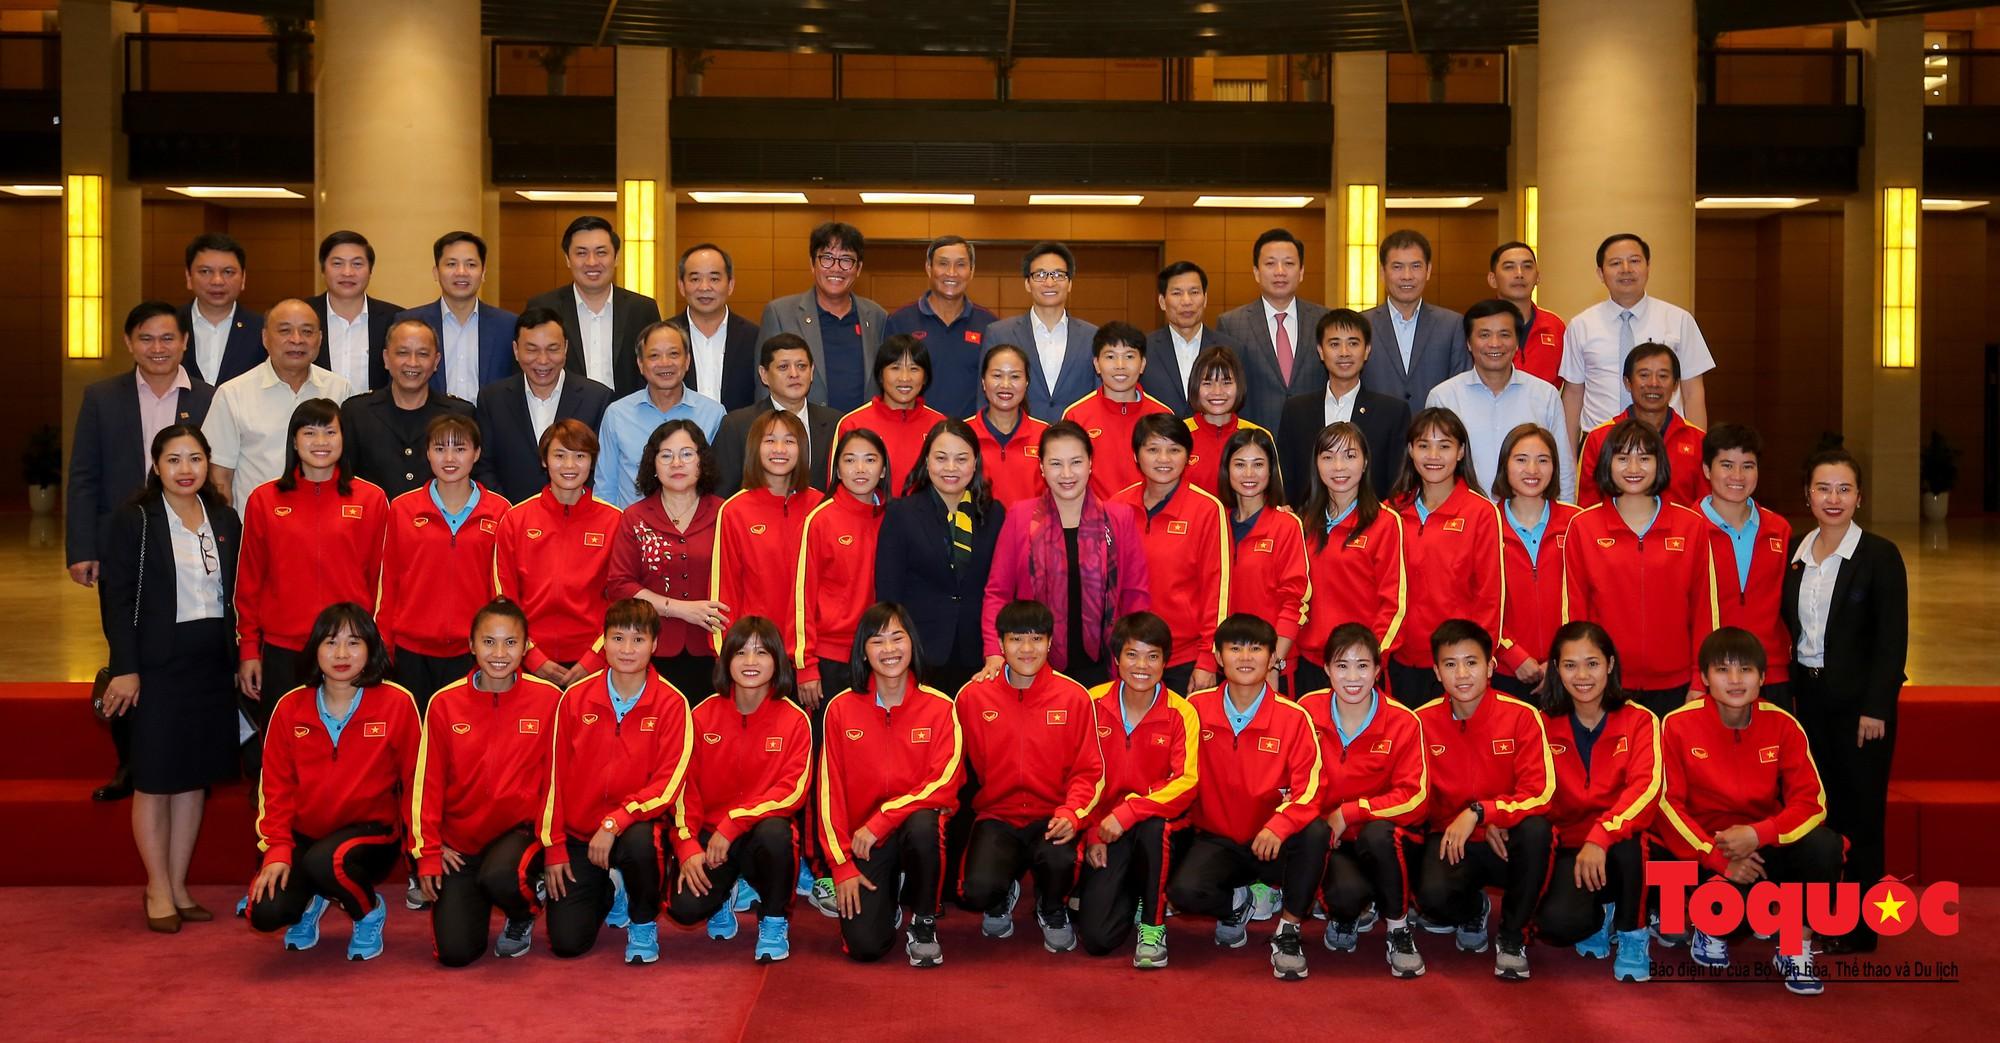 Chủ tịch Quốc hội Nguyễn Thị Kim Ngân: Bóng đá nam nhìn thành tích bóng đá nữ còn phải mơ ước dài19